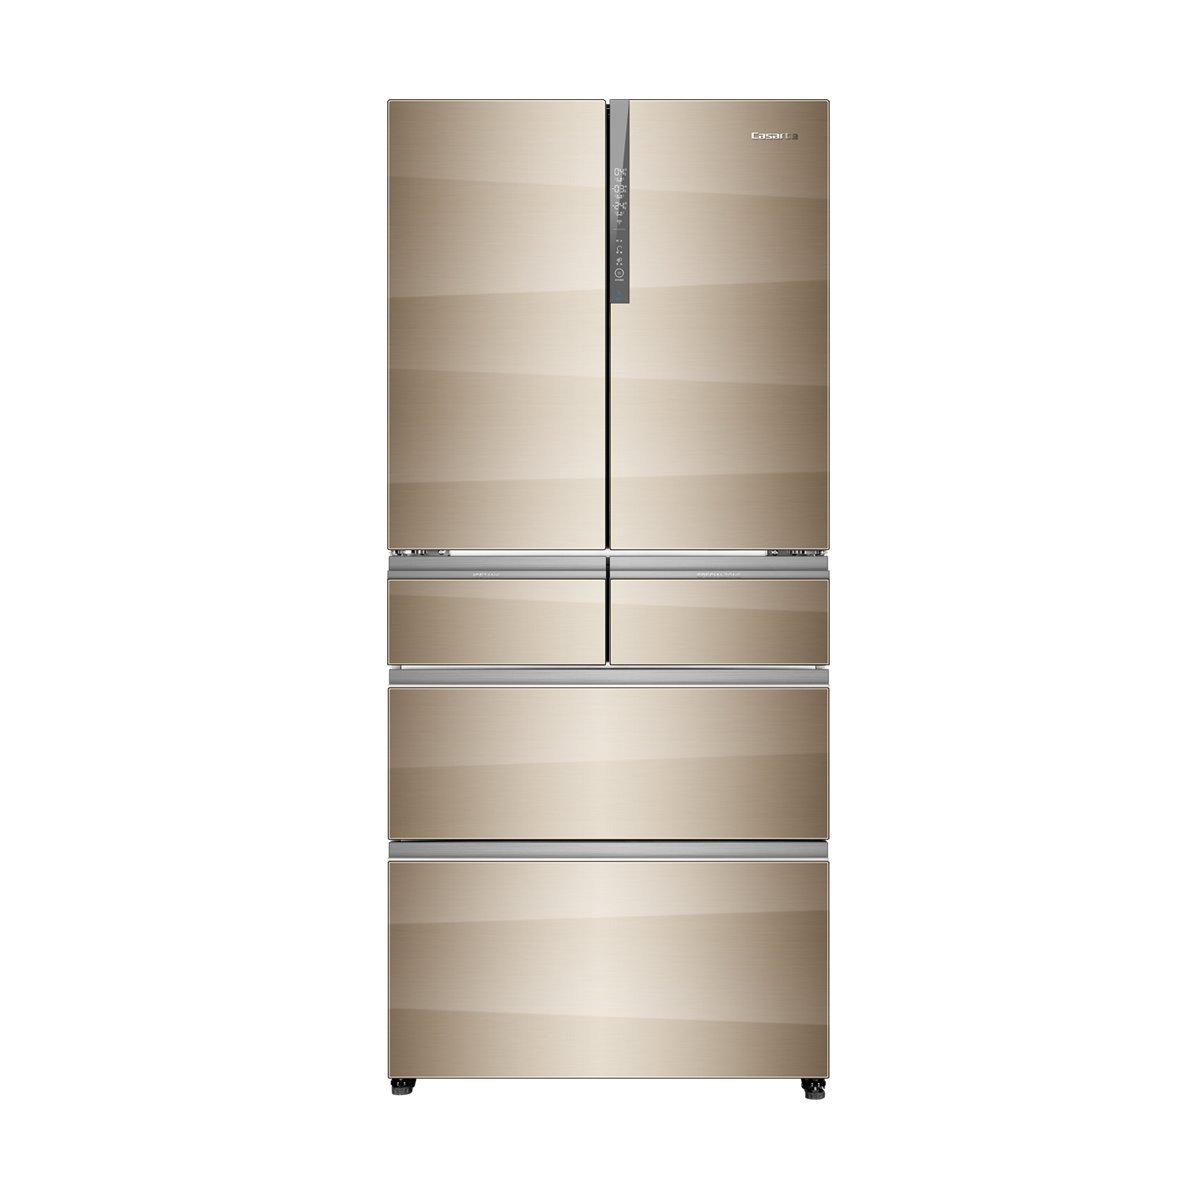 Tủ lạnh  Casarte CASA đế BCD-519WICAU1 519 lên 6 cửa tủ lạnh tủ lạnh nhúng tự do thay đổi tần số